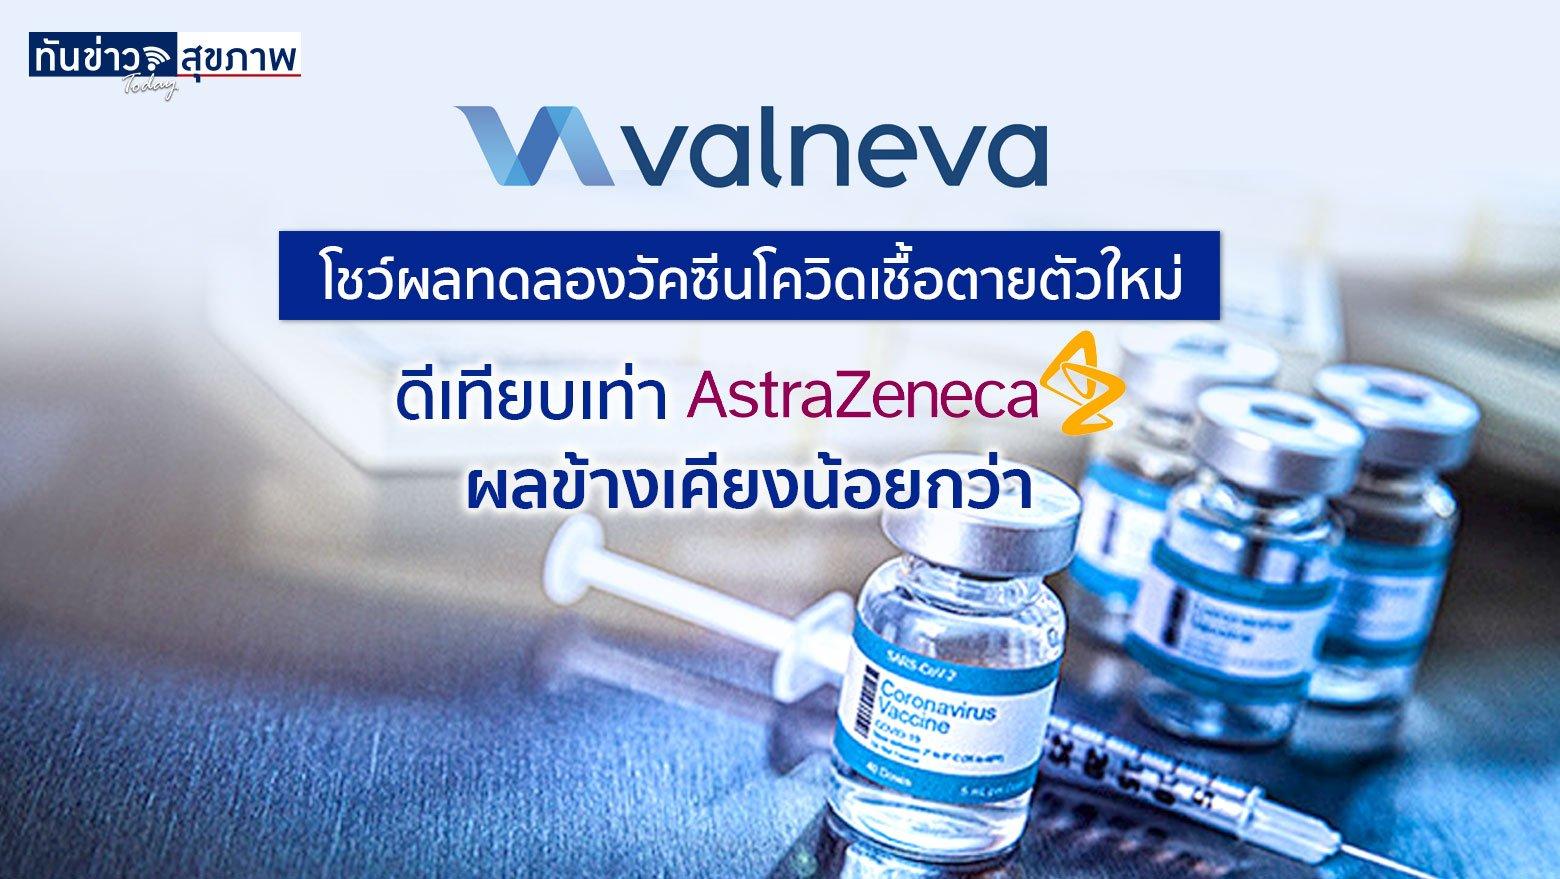 บริษัทวัลเนวา ฝรั่งเศสเผยผลทดลองวัคซีนโควิดเชื้อตายตัวใหม่ VLA2001 ดีเทียบเท่า Astra Zeneca ผลข้างเคียงน้อยกว่า